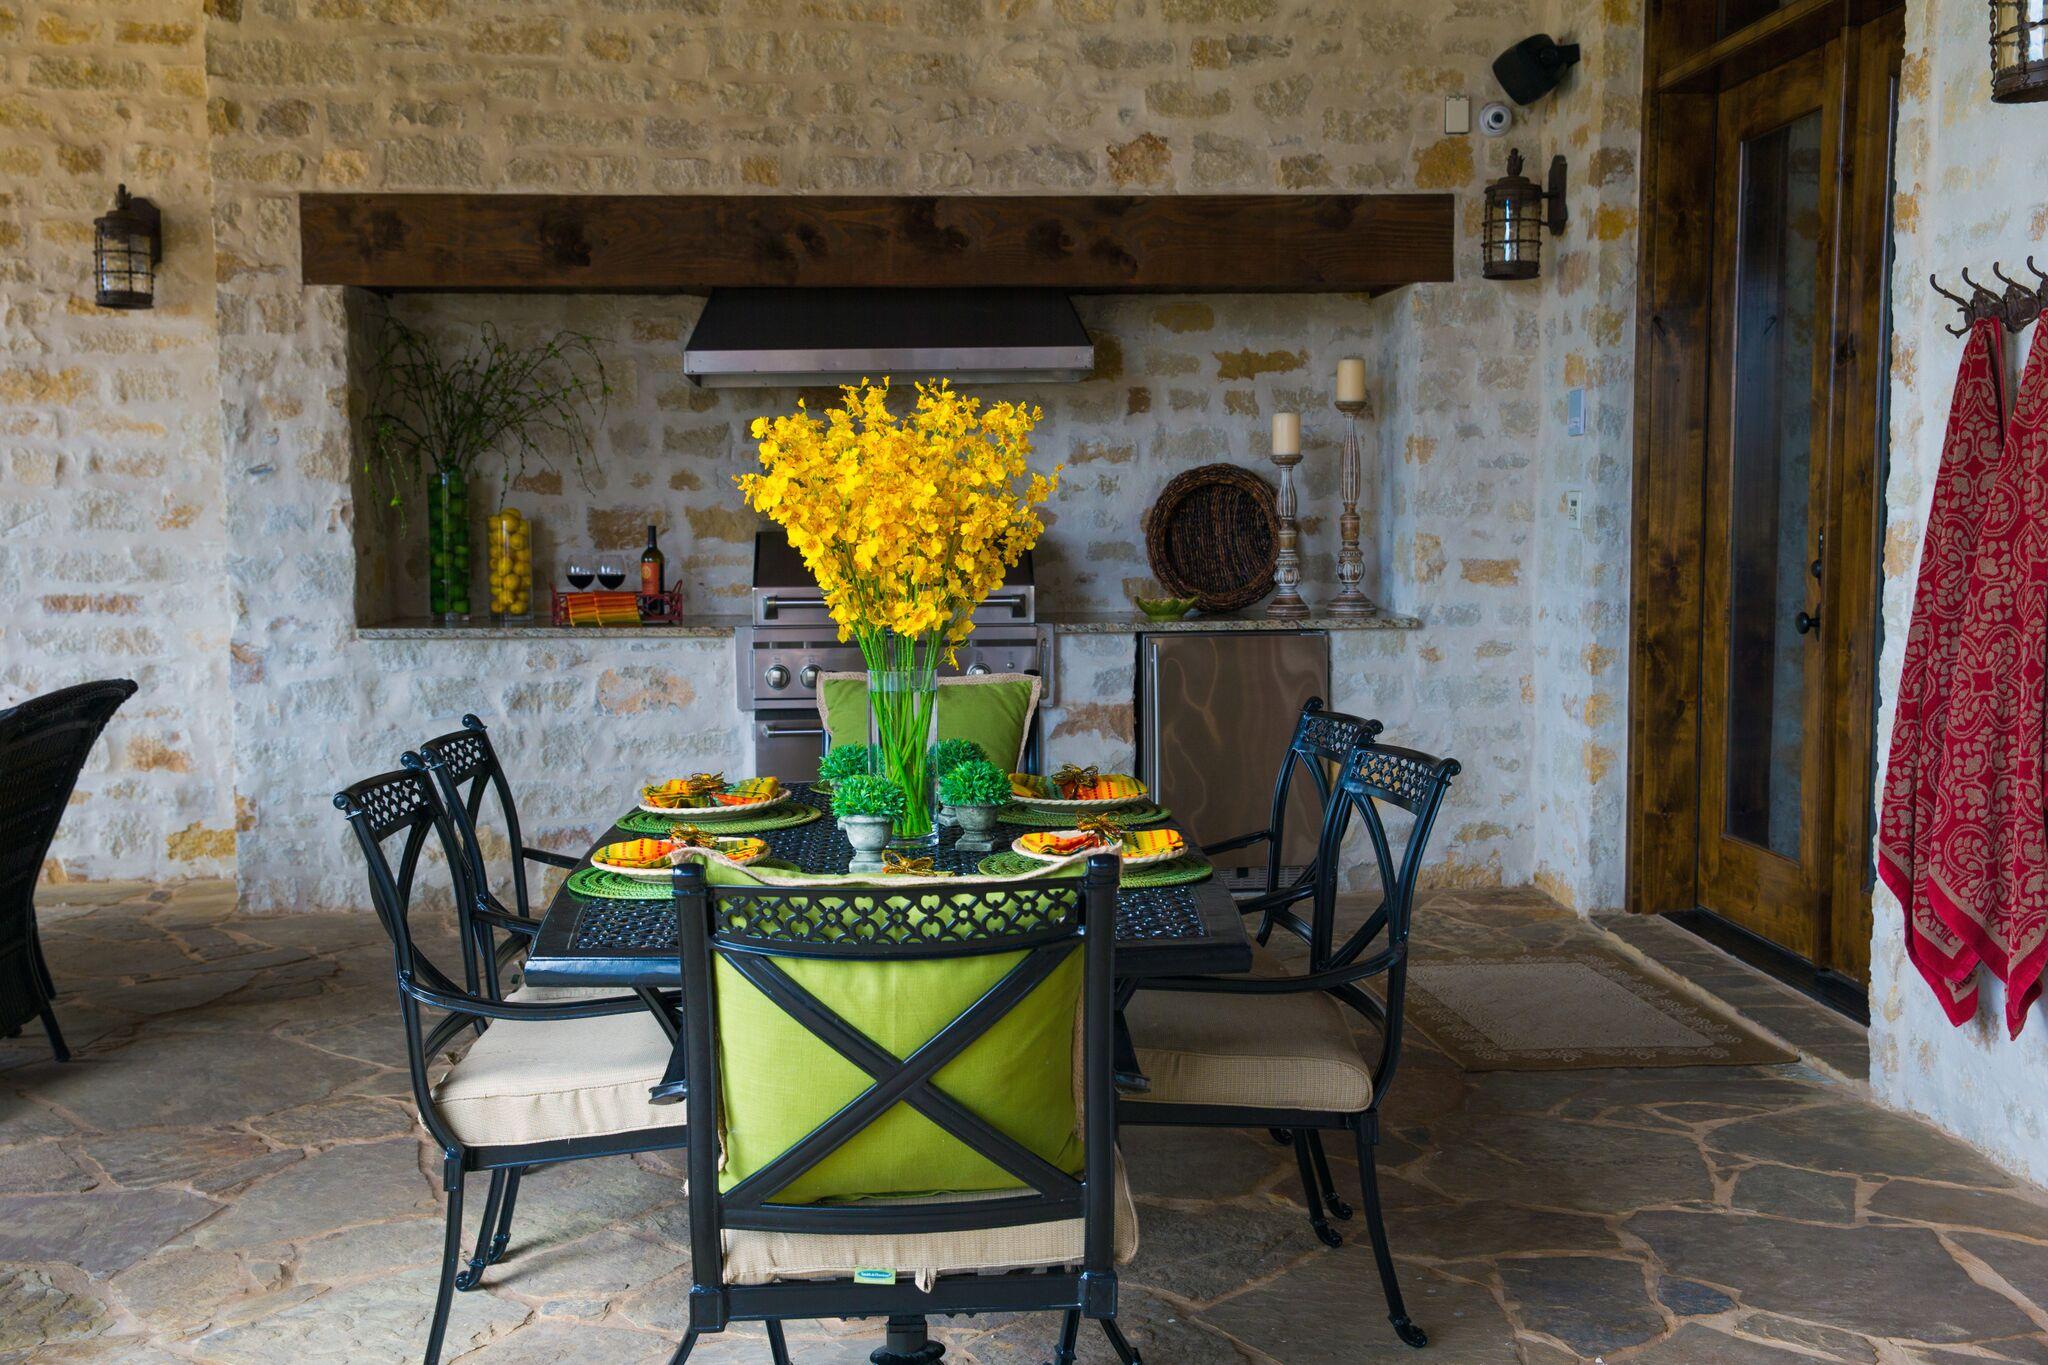 Outdoor countertop with granite